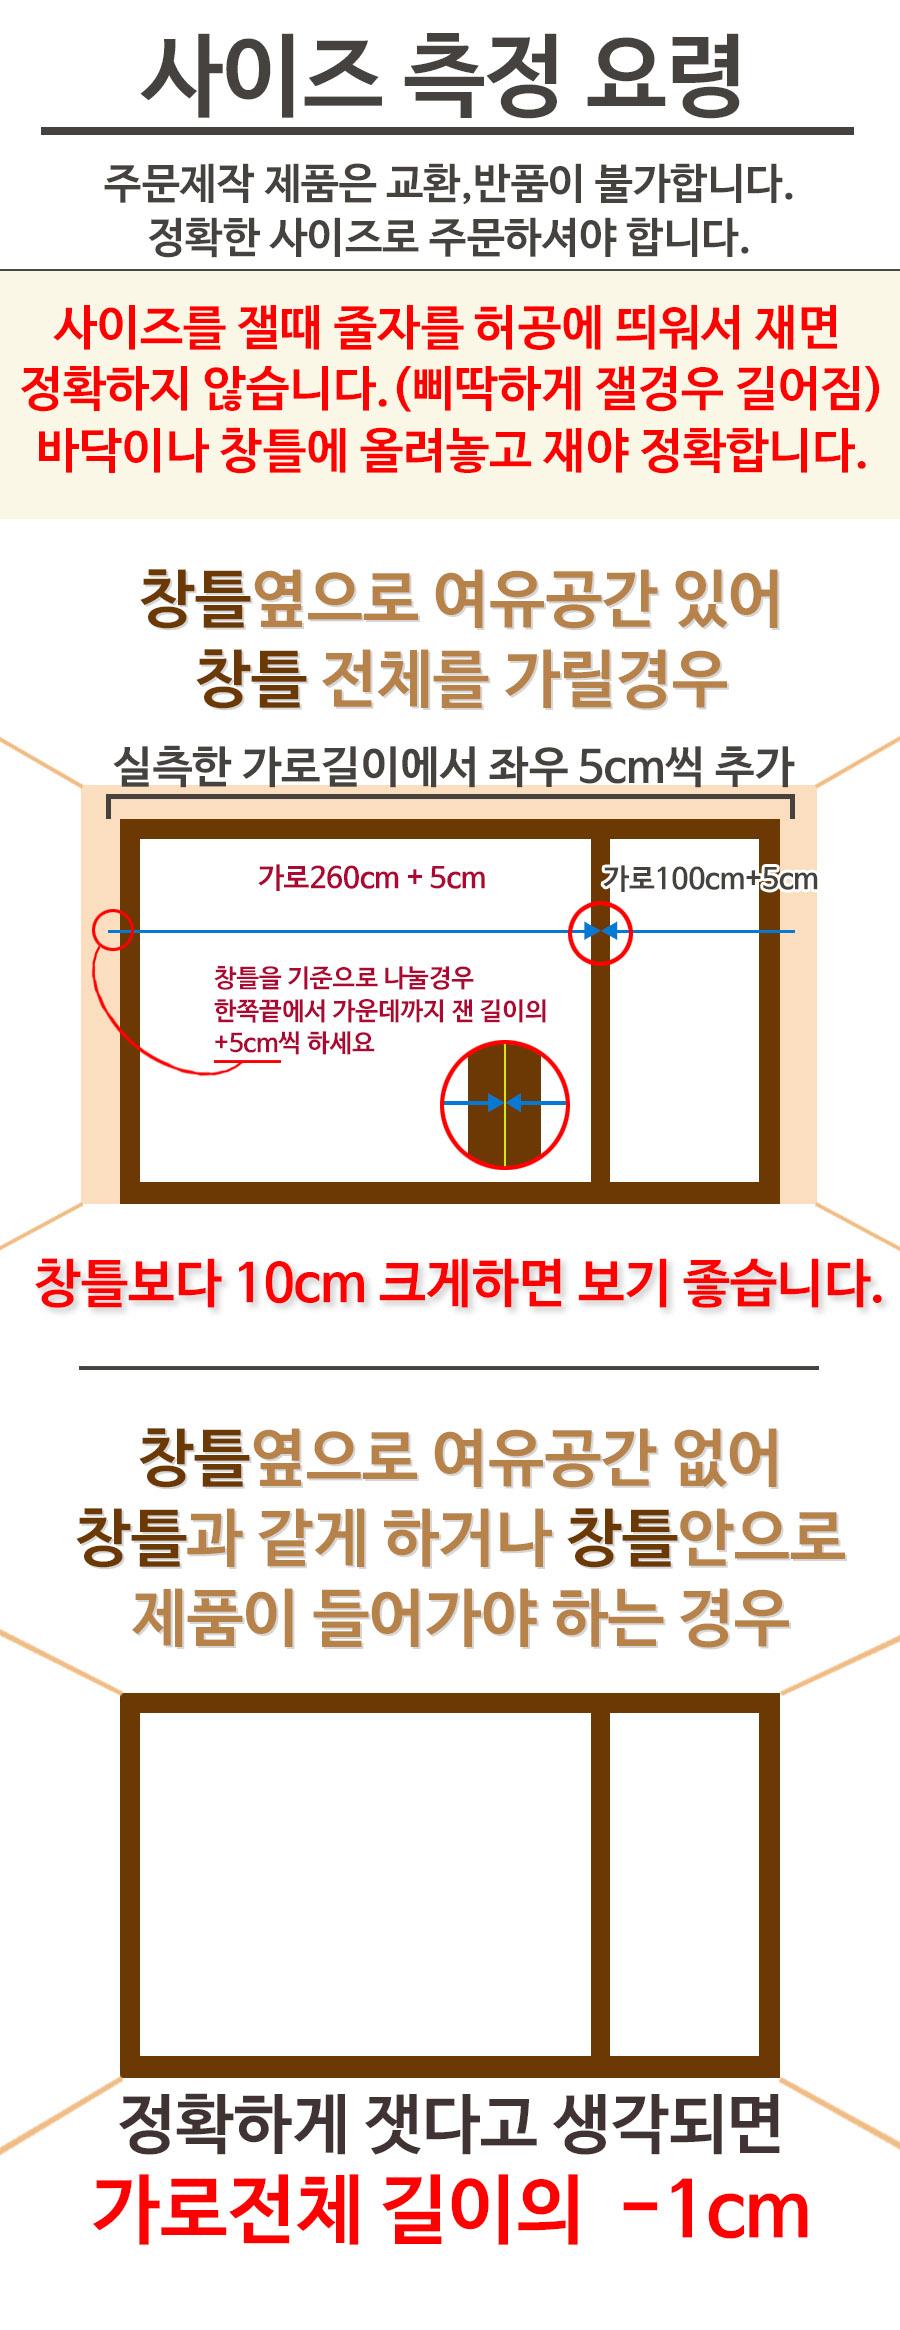 롤스크린 블라인드 사이즈 측정 방법안내 이미지